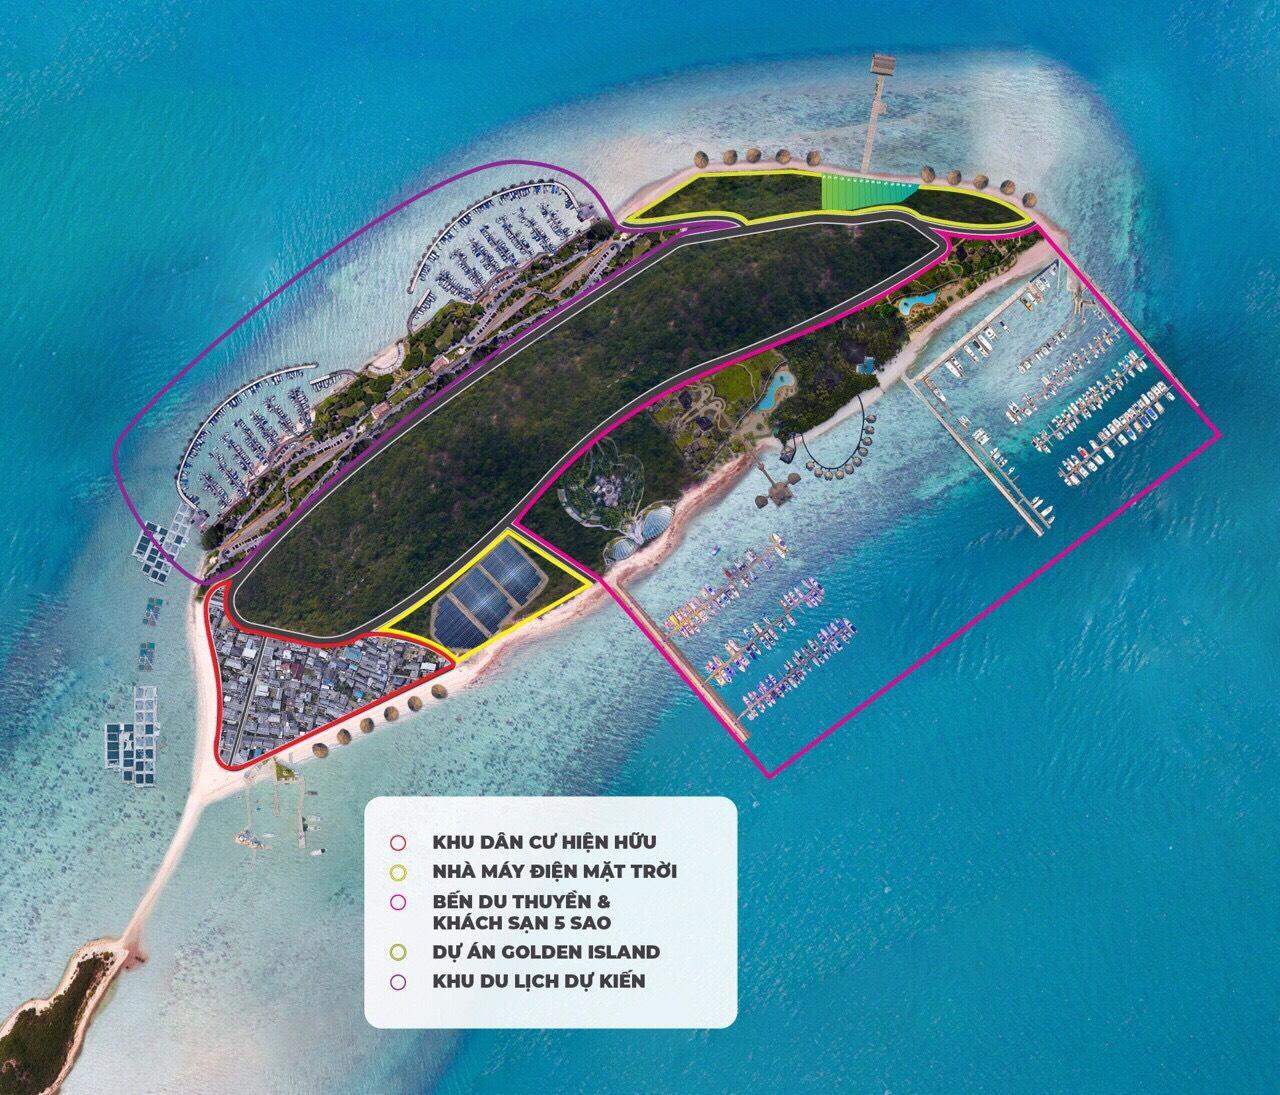 Mẫu dự án đầu tư khu du lịch sinh thái đảo Điệp Sơn